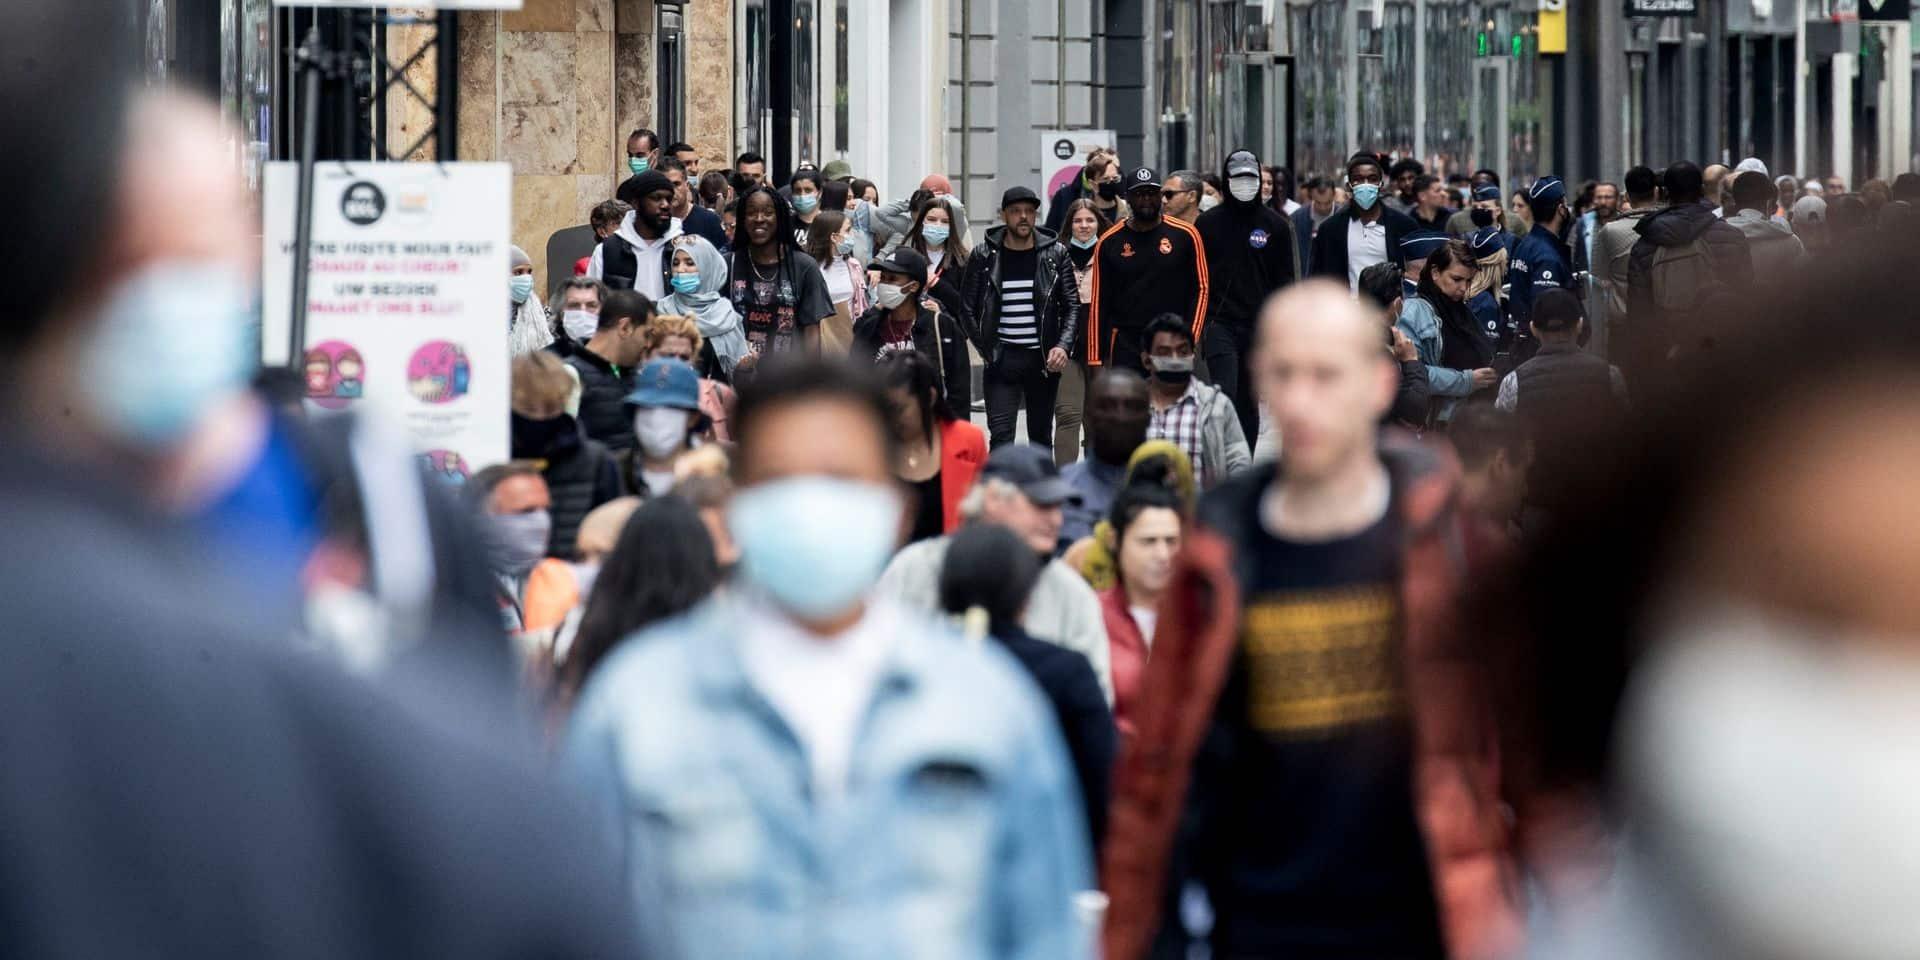 """A Bruxelles, les chiffres du Covid continuent à se détériorer: """"Nous remarquons un relâchement inquiétant"""""""